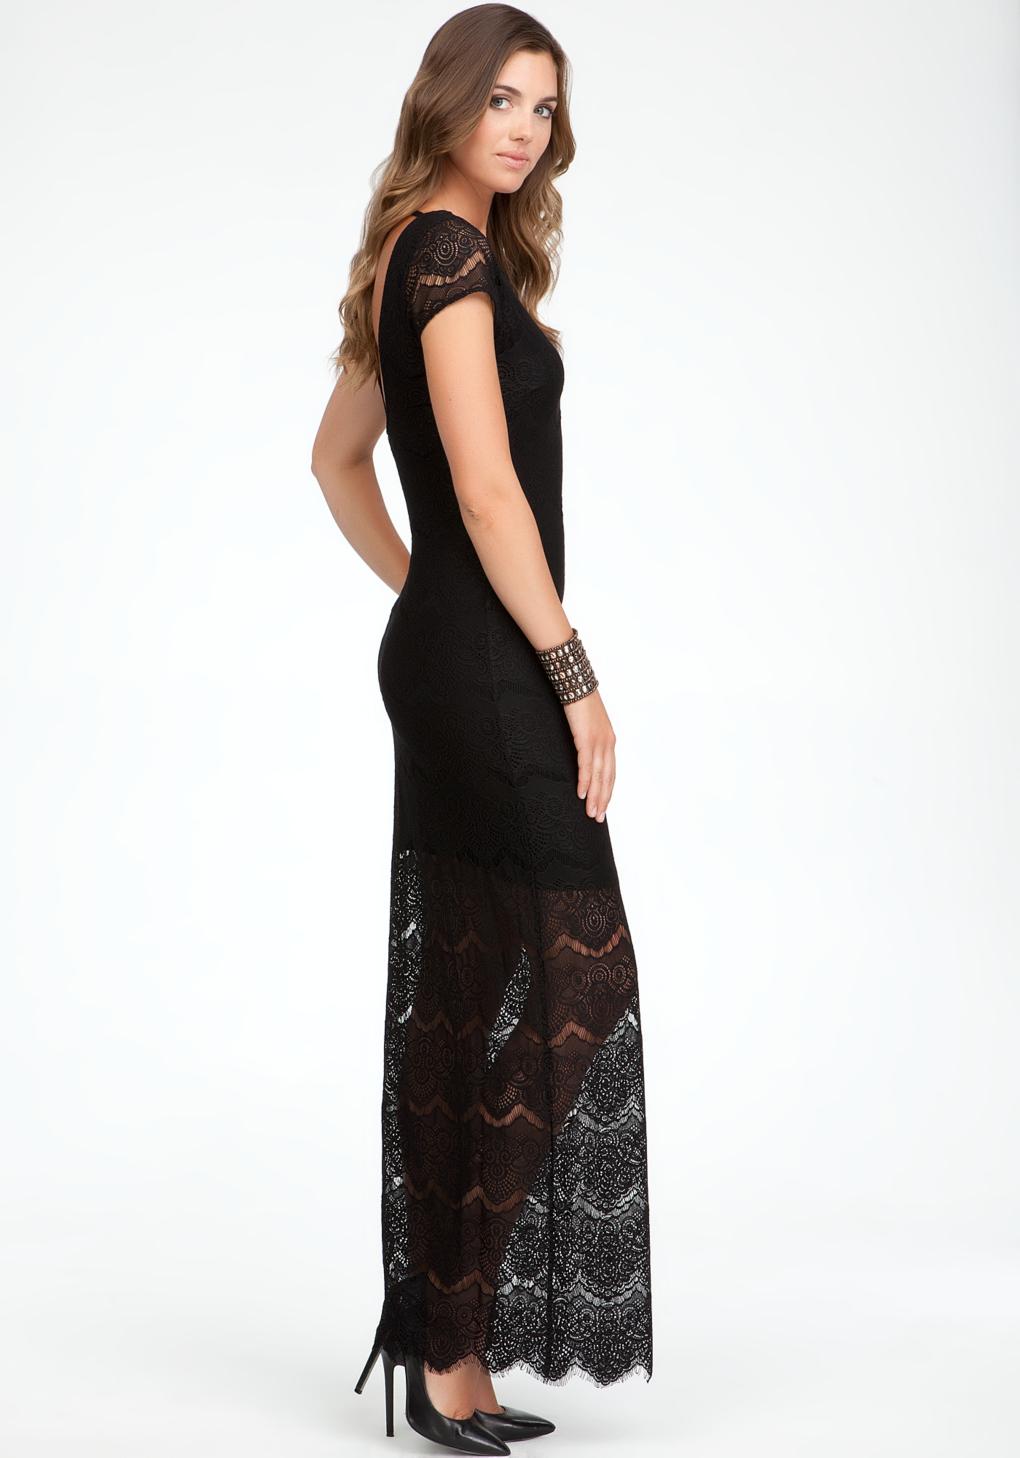 Bebe Open Back Lace Maxi Dress in Black   Lyst